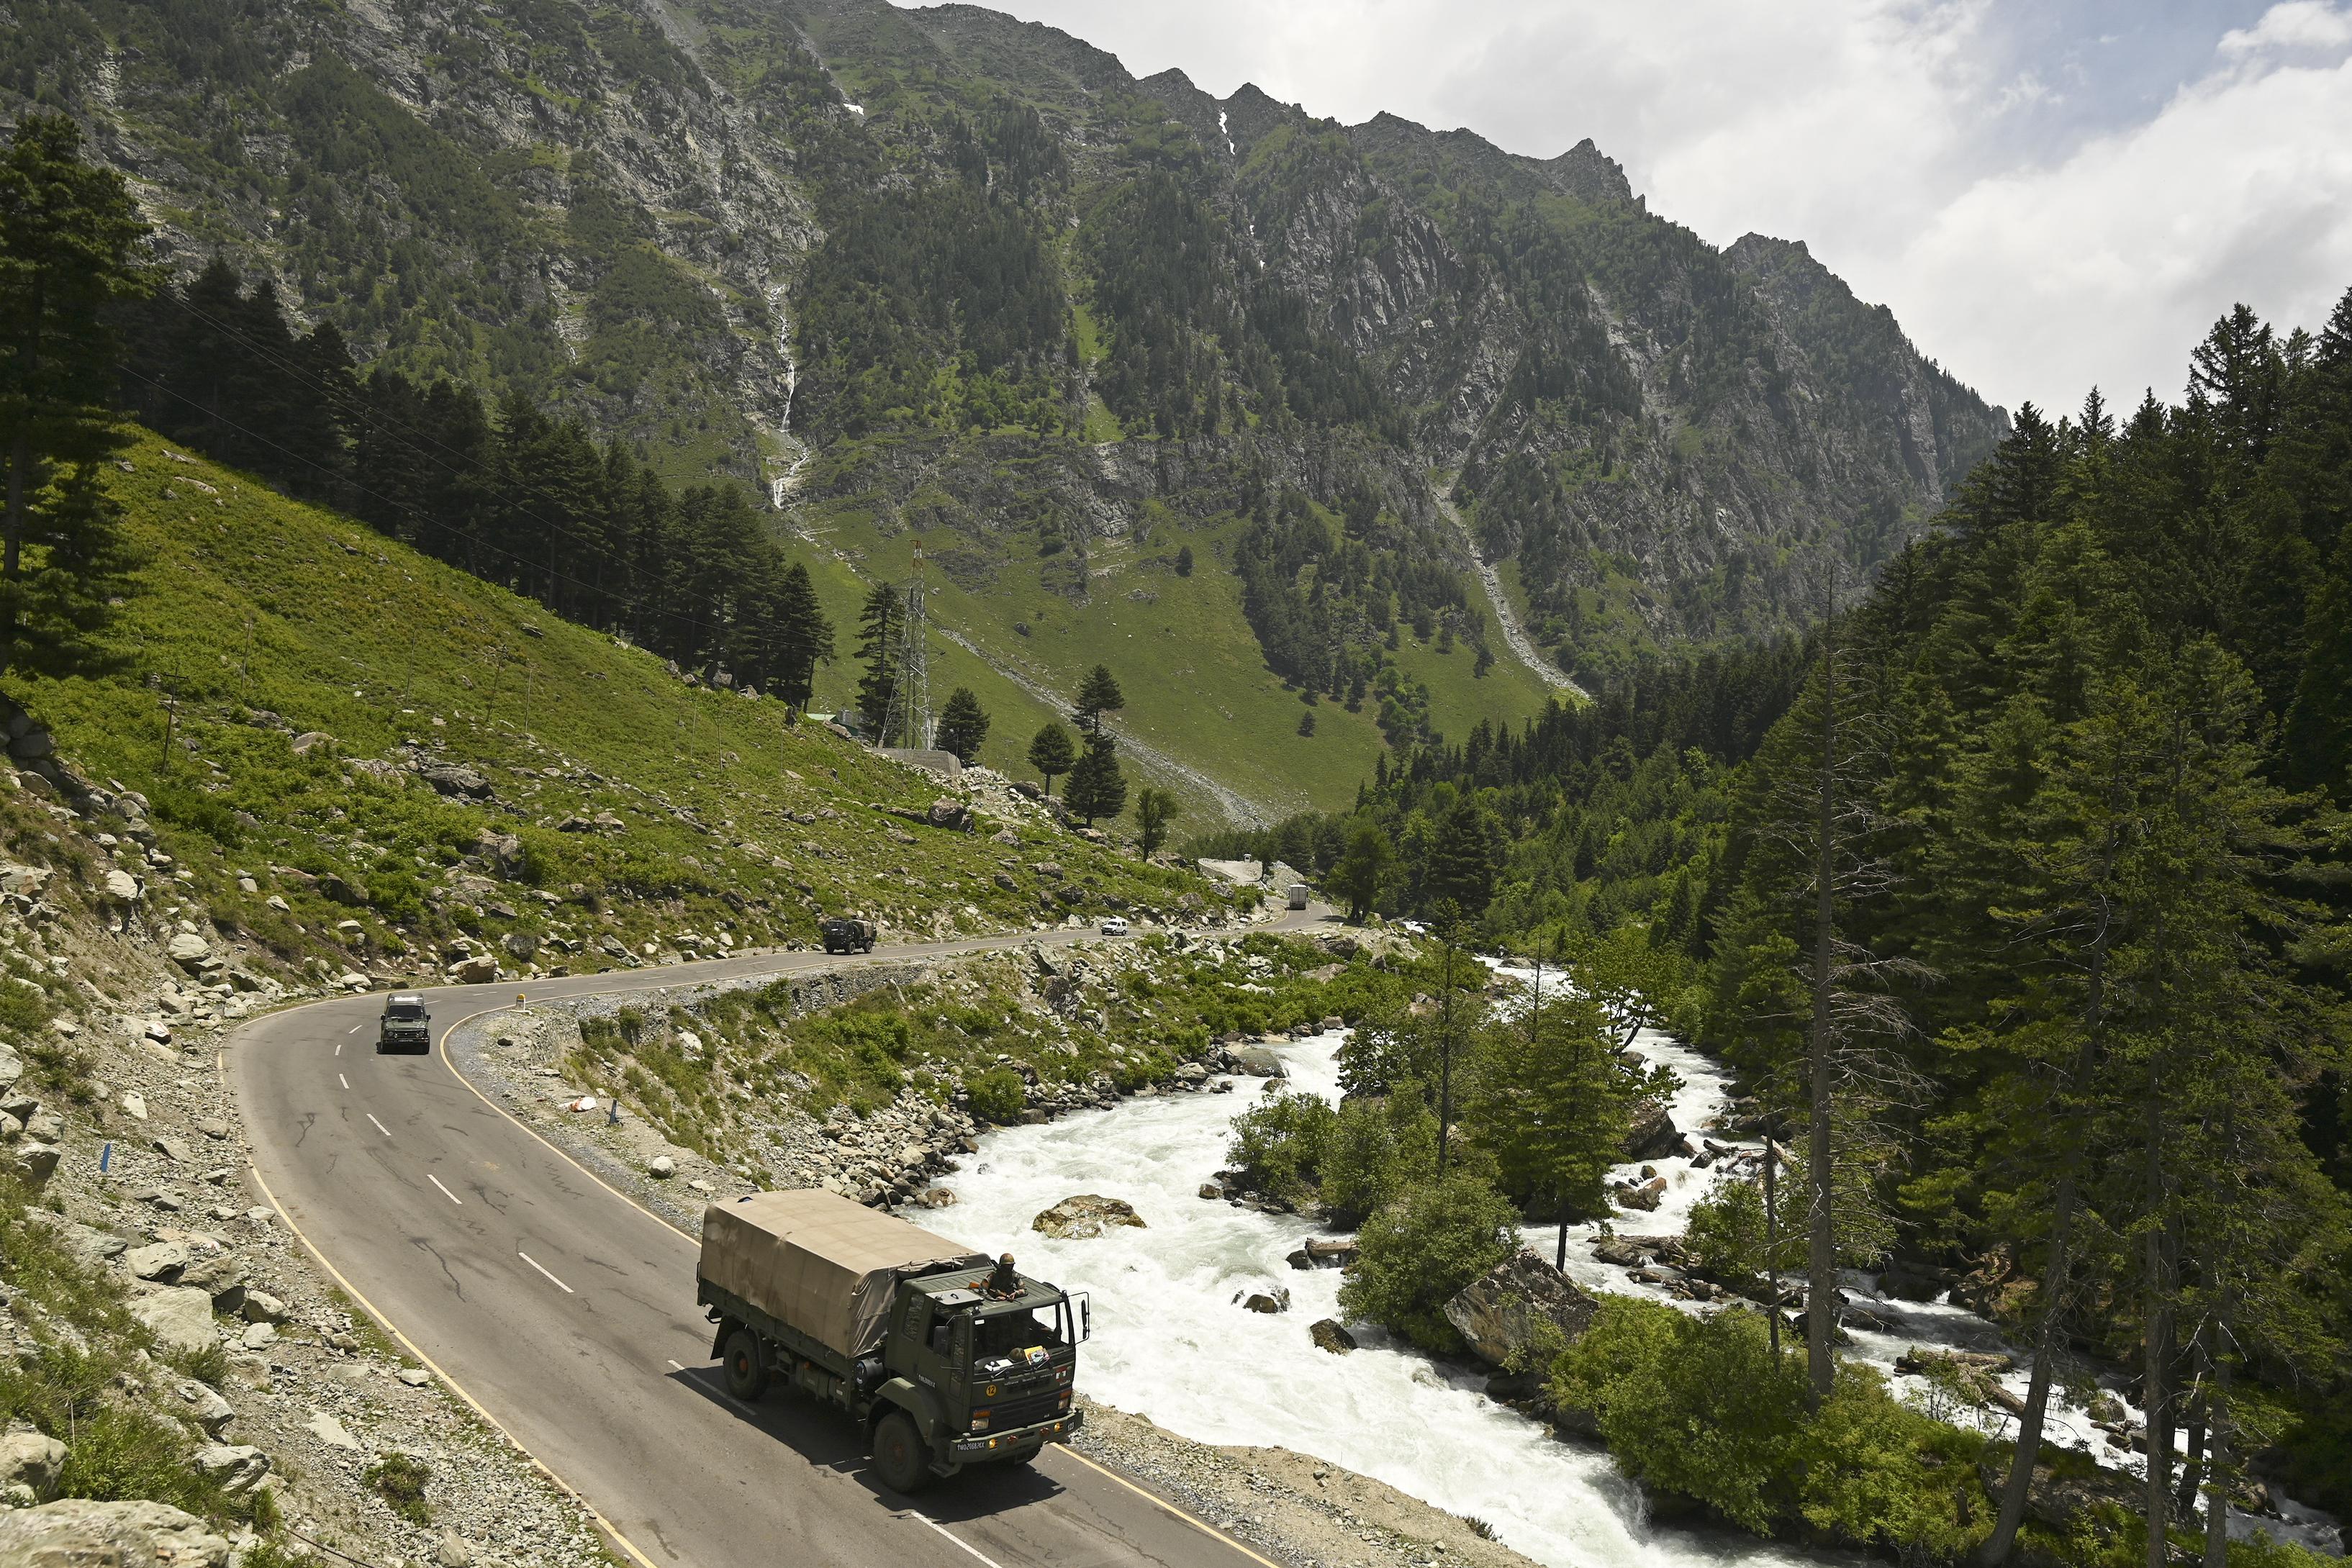 圖為2020年6月17日,印度軍隊護衛隊朝著與中國接壤的列城(Leh)駛去。(Photo by Tauseef MUSTAFA / AFP)